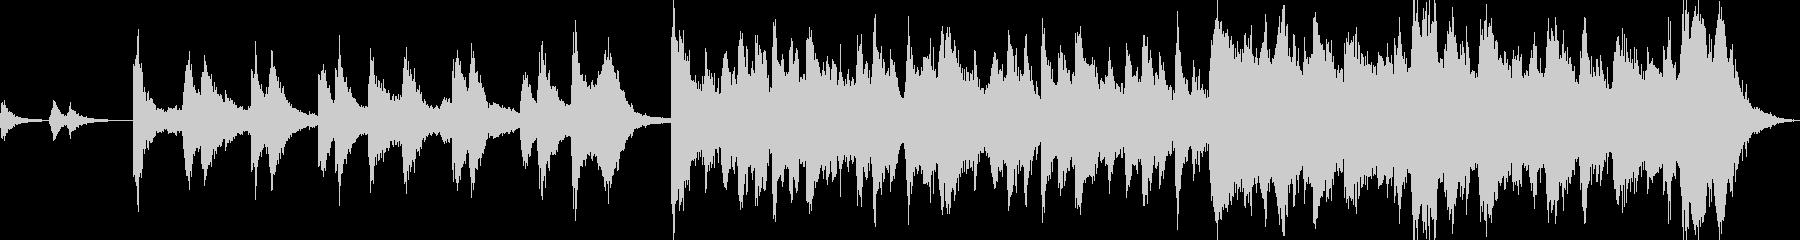 怪しくコミカルなハロウィンBGMの未再生の波形